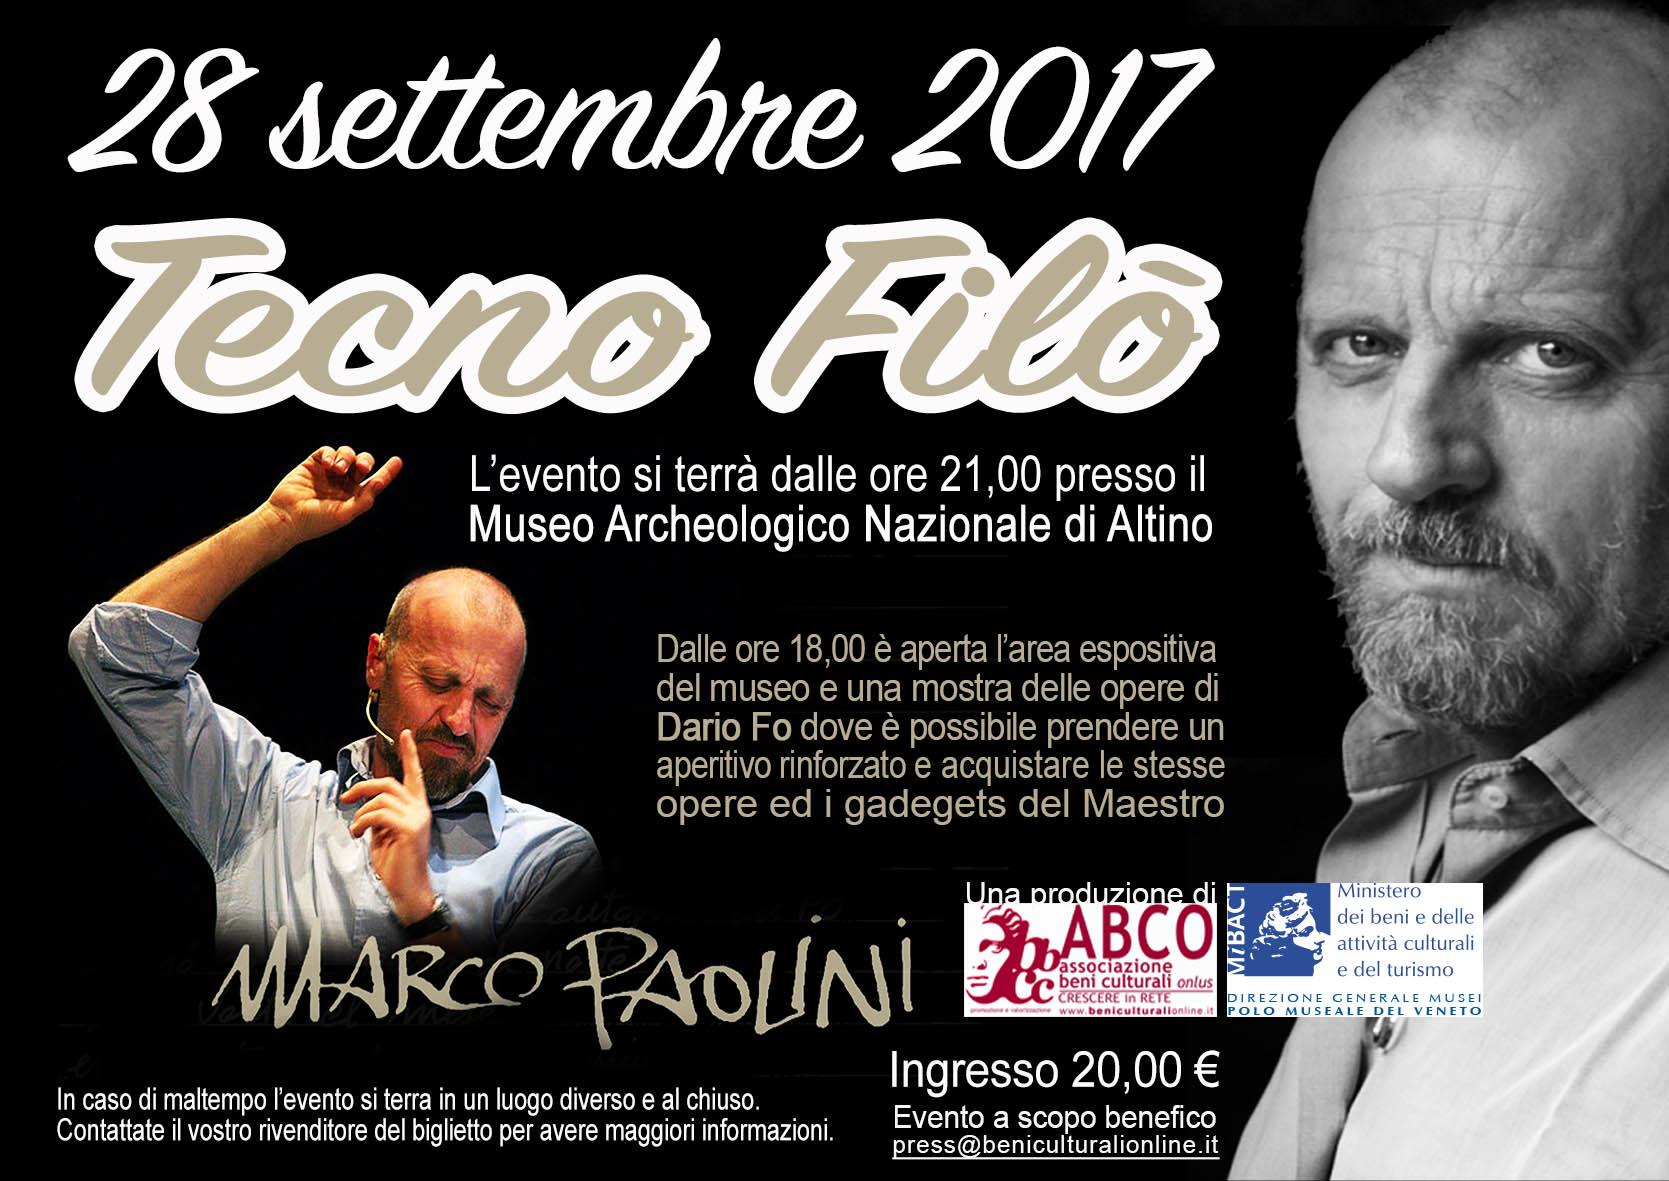 Marco Paolini ad Altino